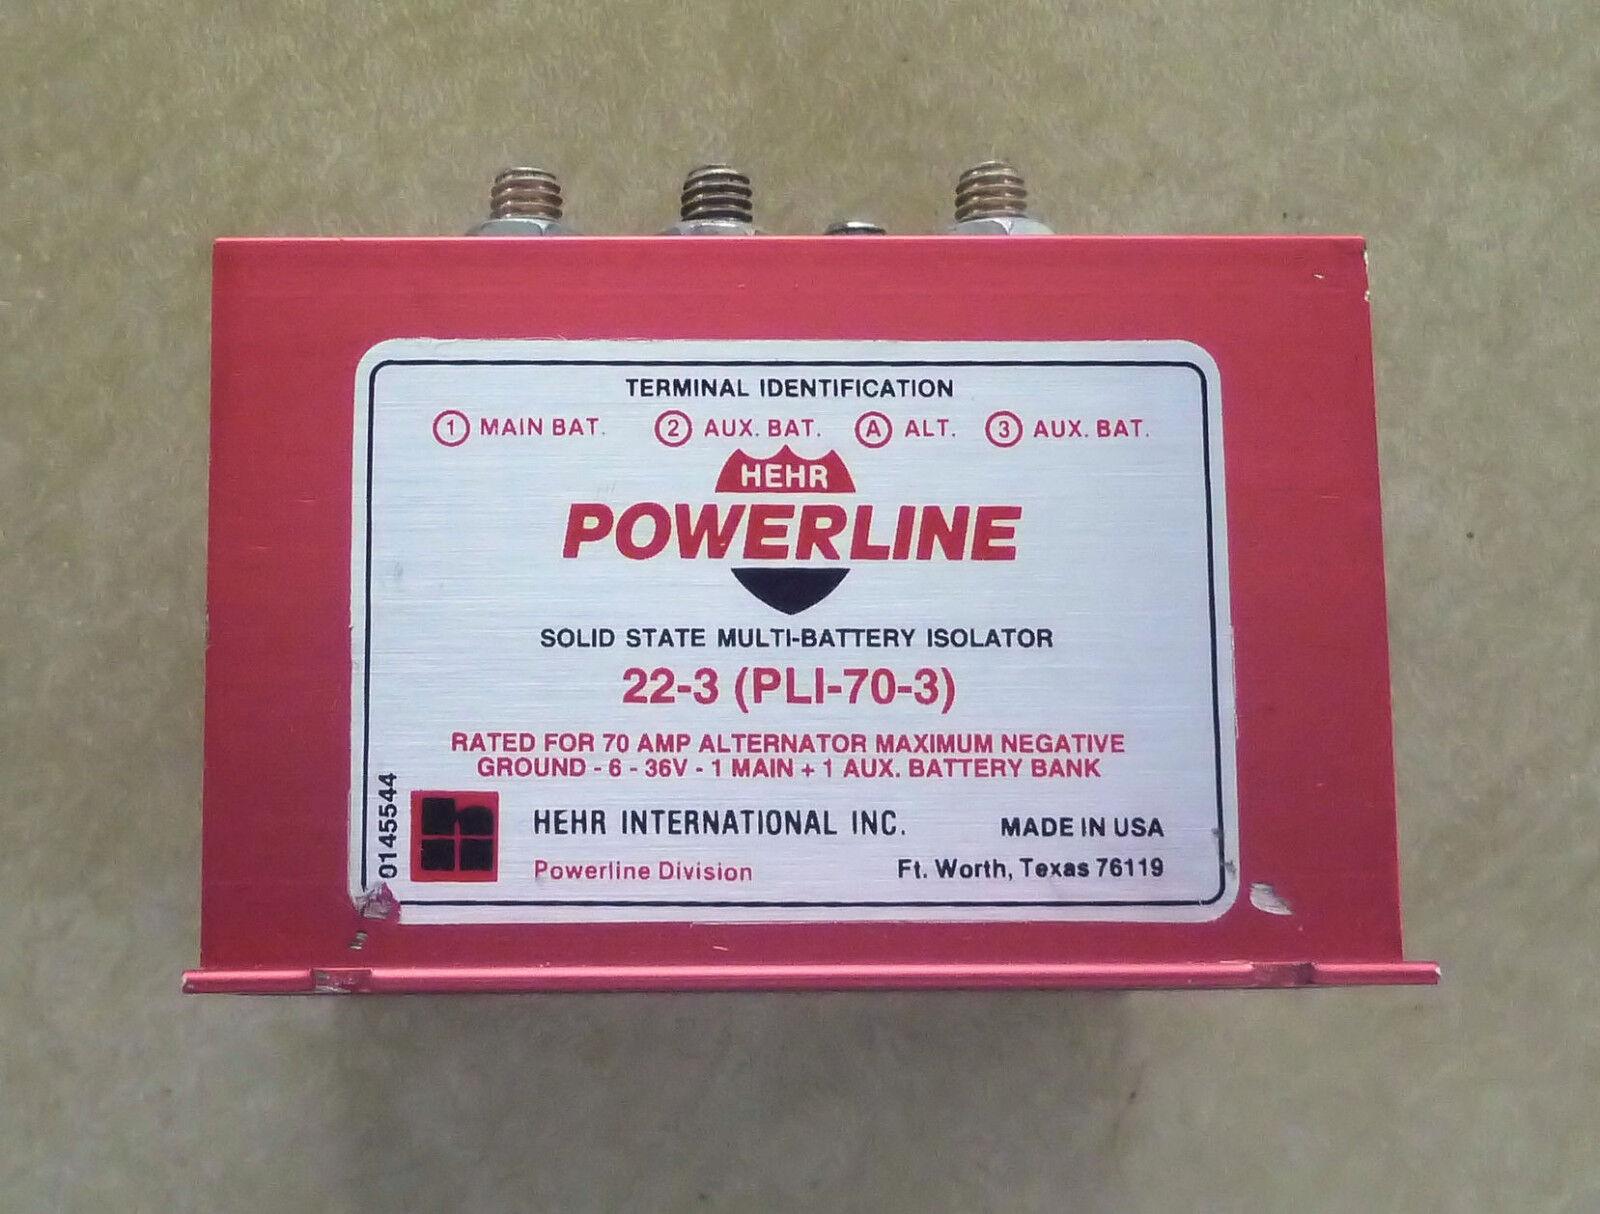 Powerline Battery Isolator PLI-70-3 -- 70 AMP, 1 alternator, 3 batteries -- NOS